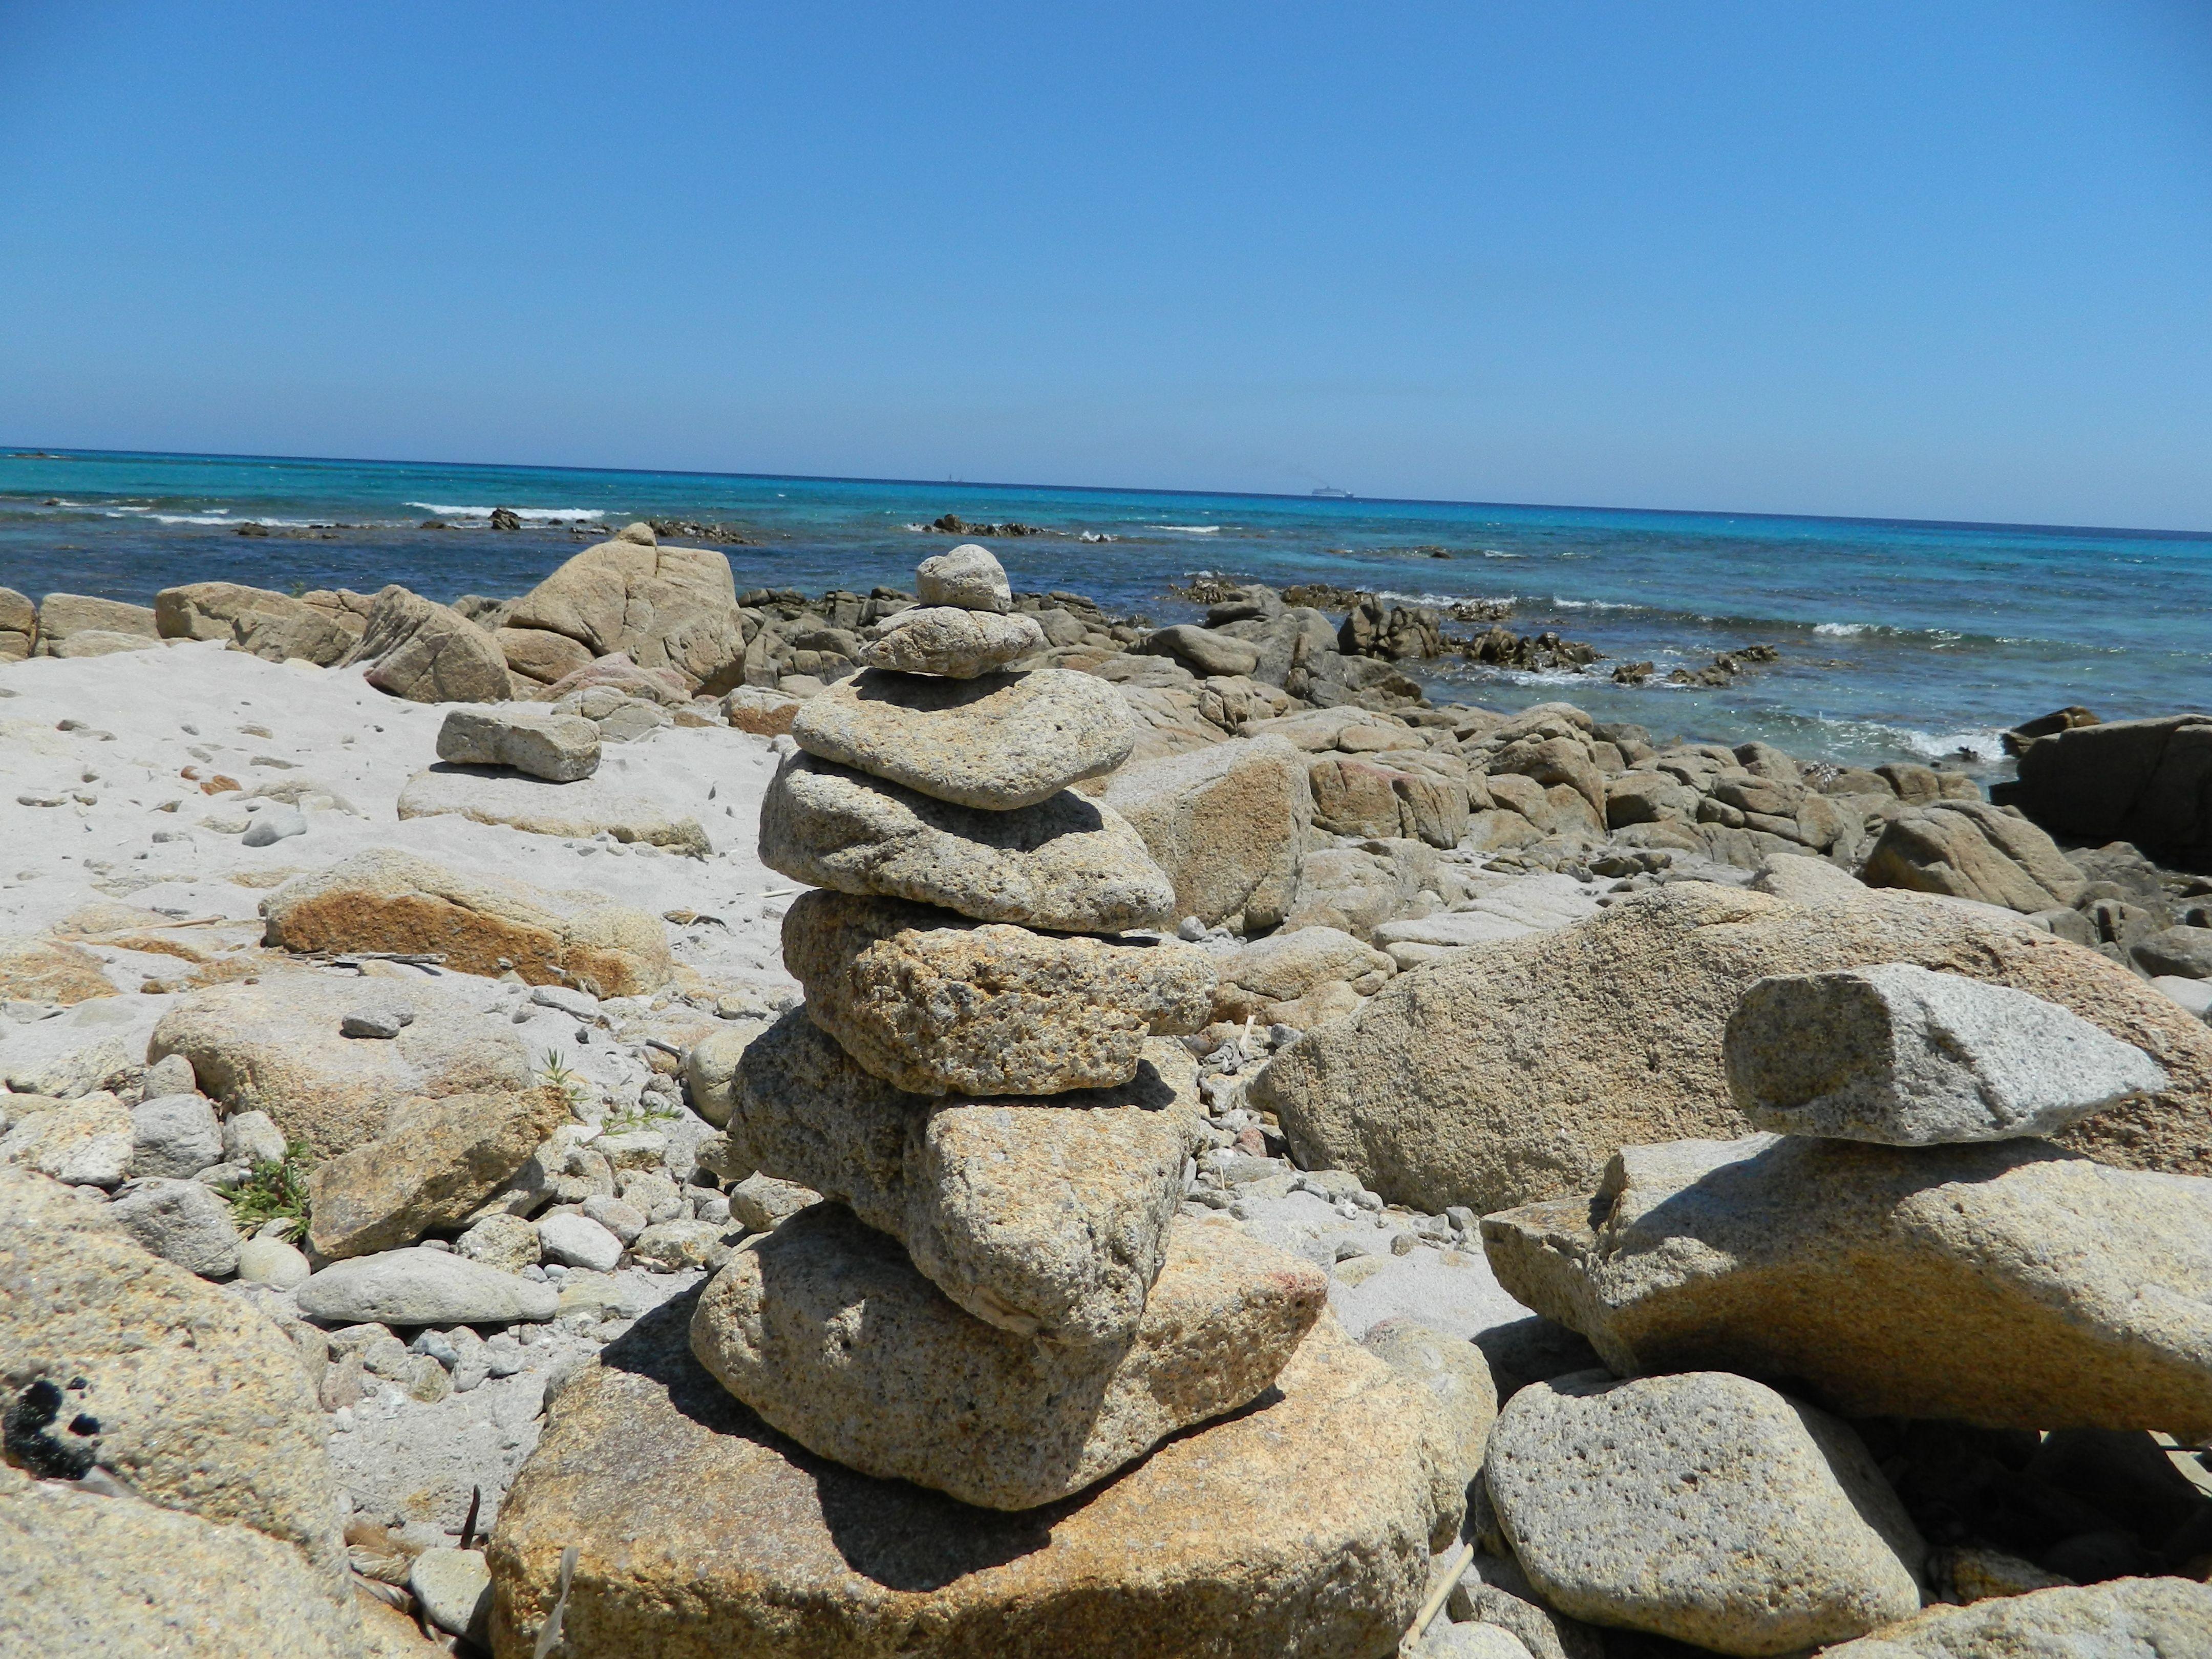 Sardinia beach,Italy